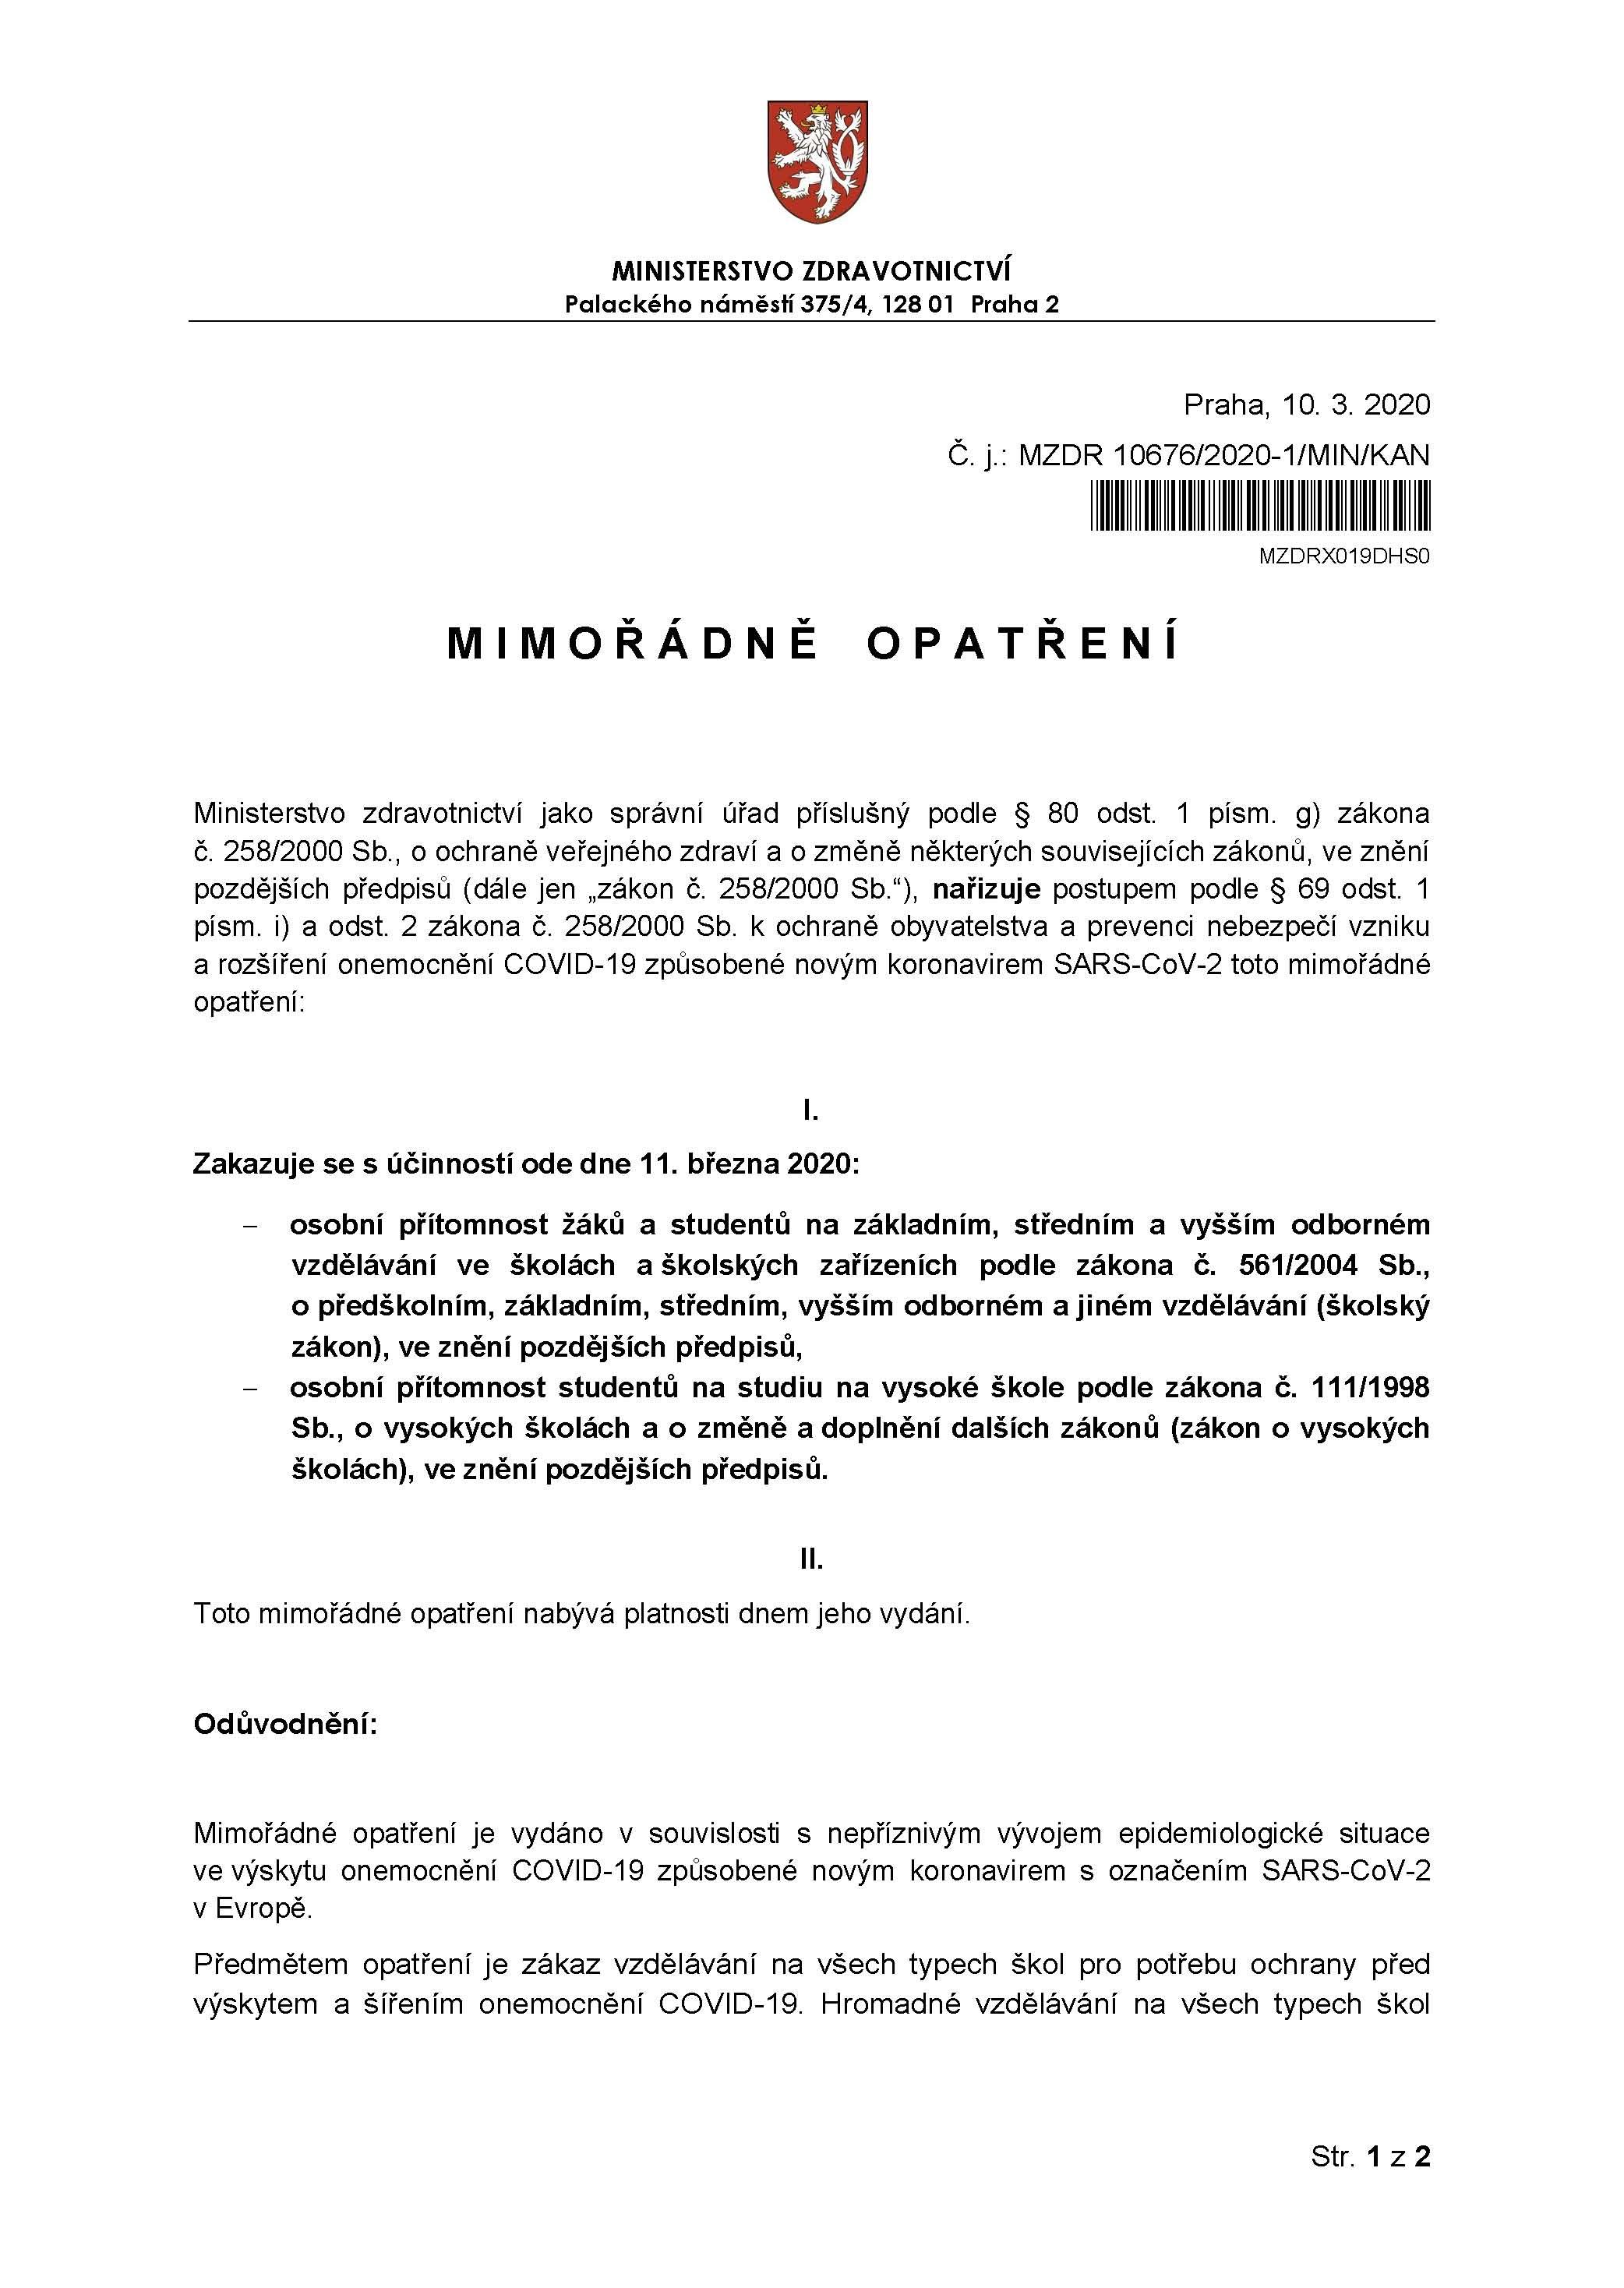 mimoradneopratreni1